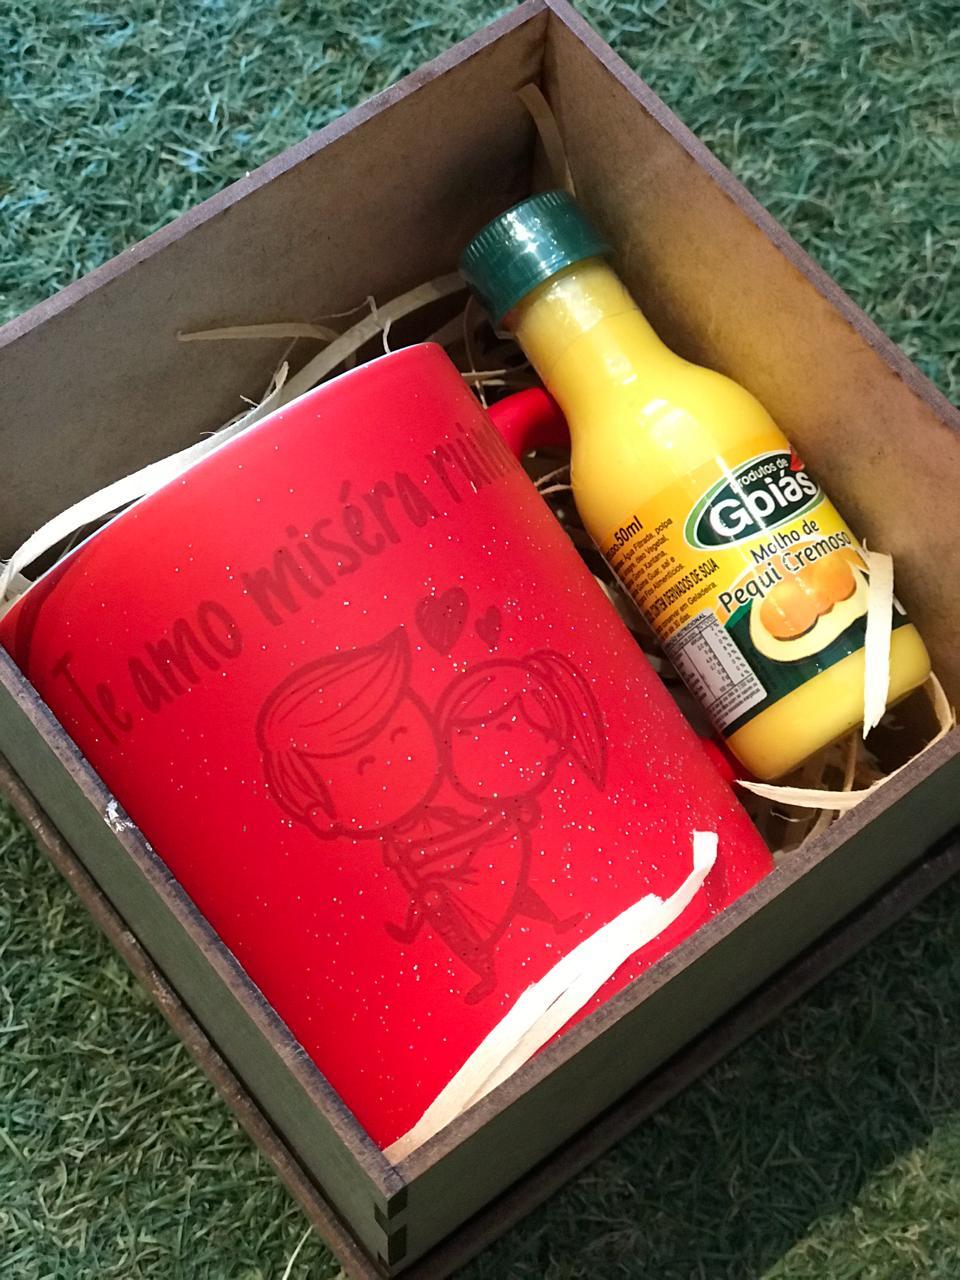 Kit dia dos Namorados - Caneca mágica Te amo miséra ruim